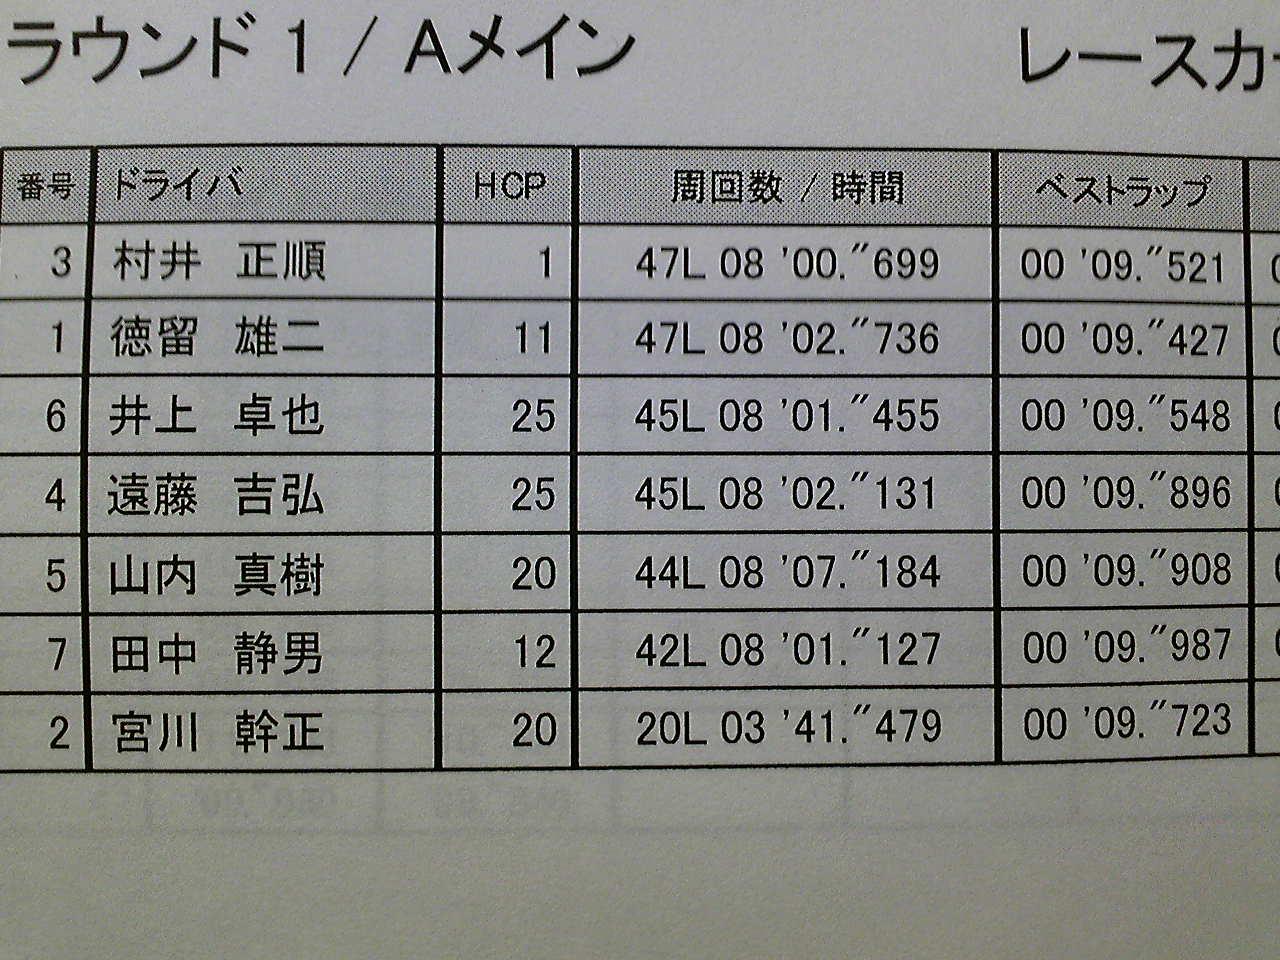 シルバーストーン・シリーズ戦 最終戦 村井正順_e0166663_9154041.jpg